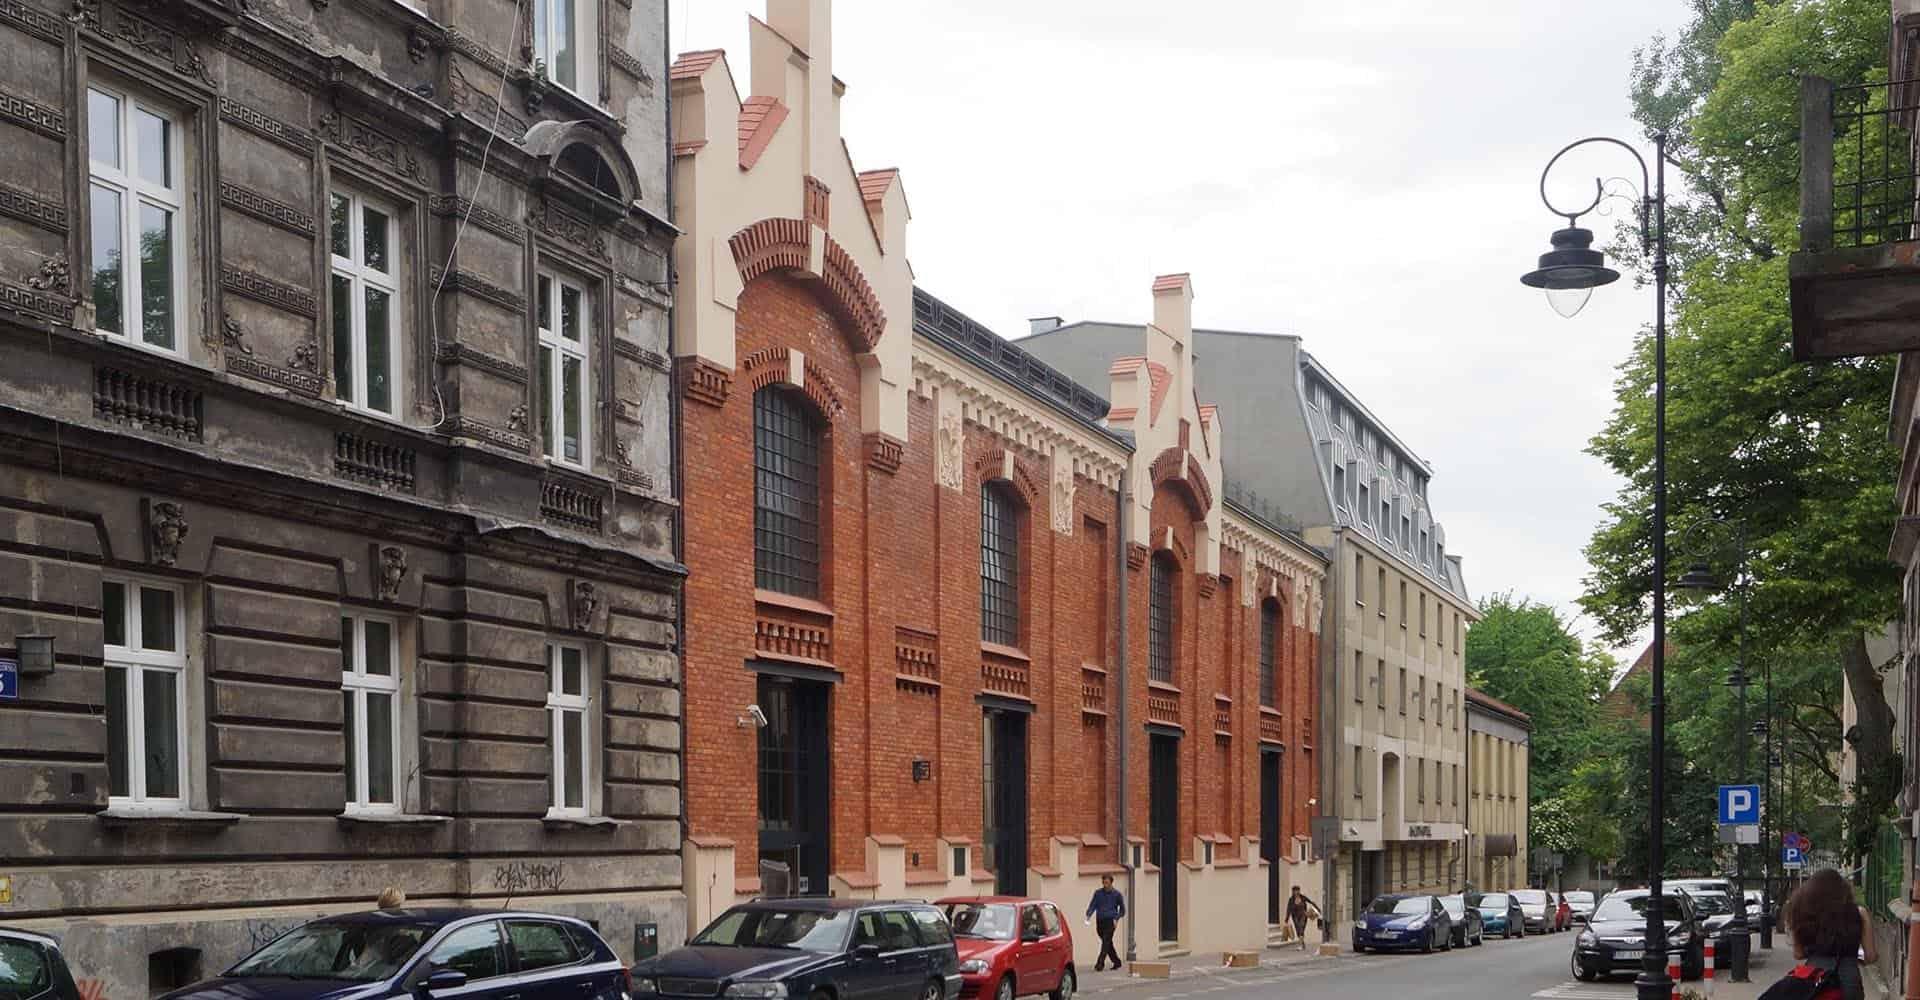 elewacja budynku z czerwonej cegły